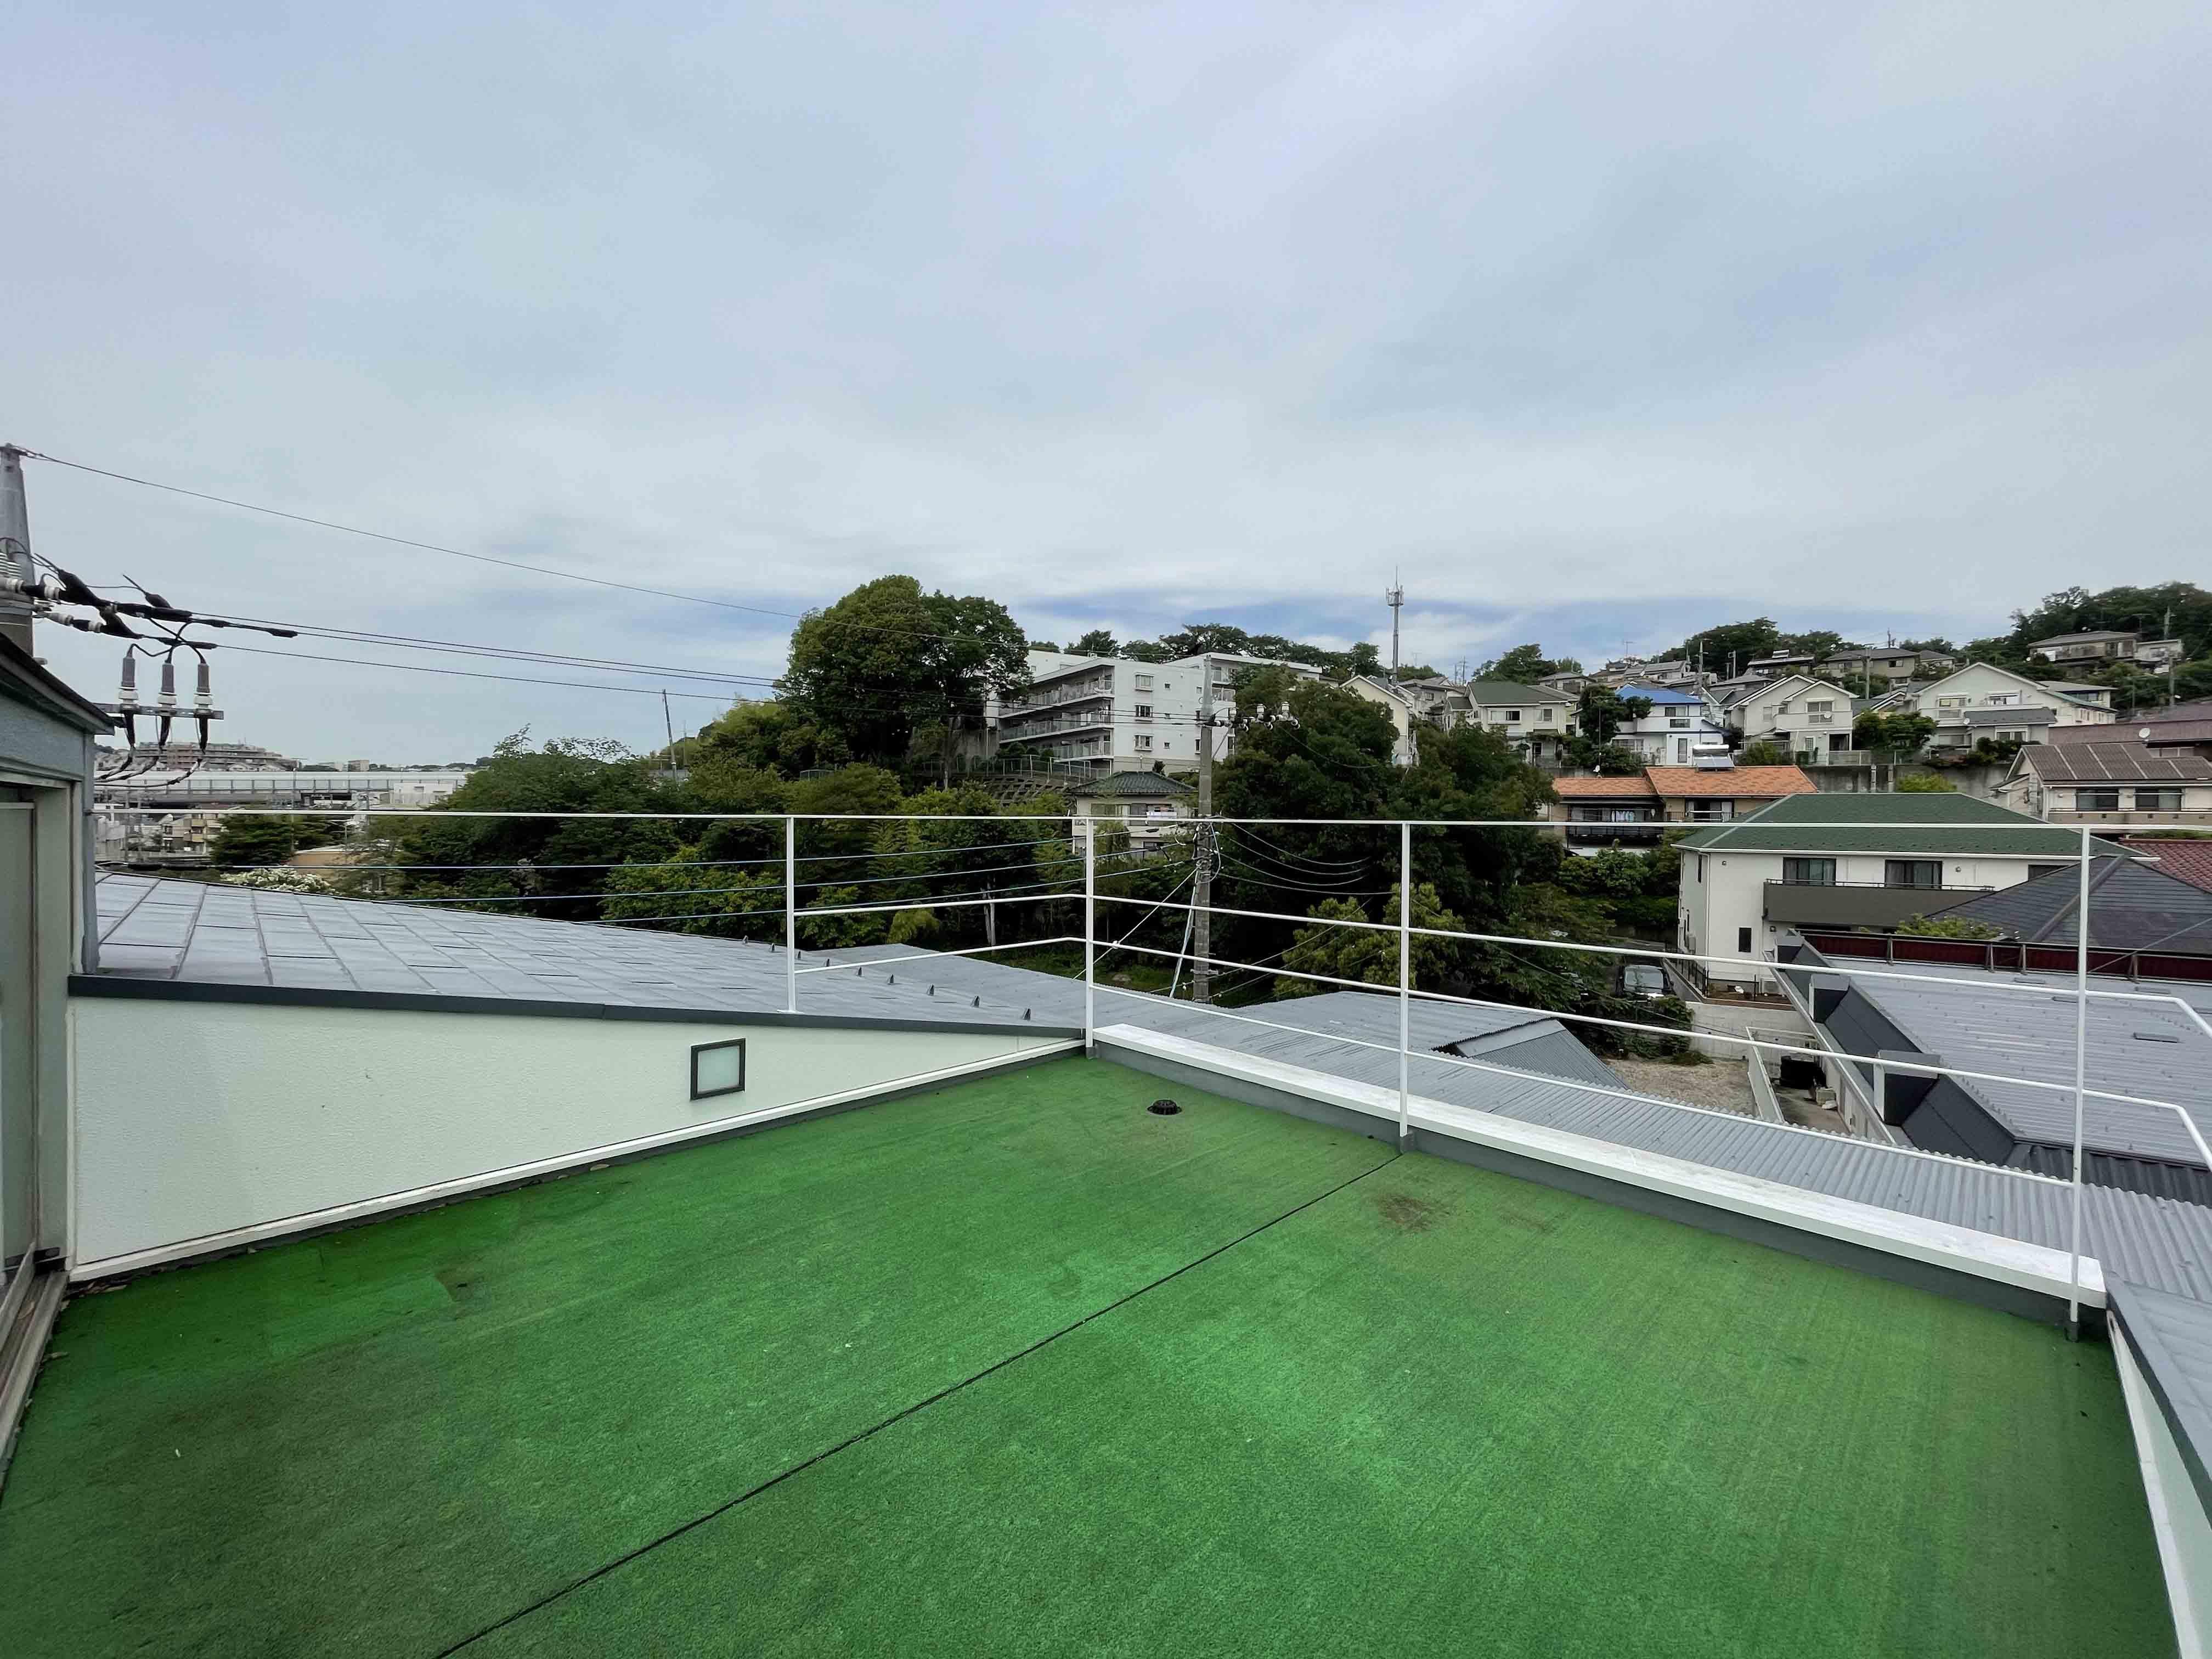 人工芝が敷かれた屋上付き